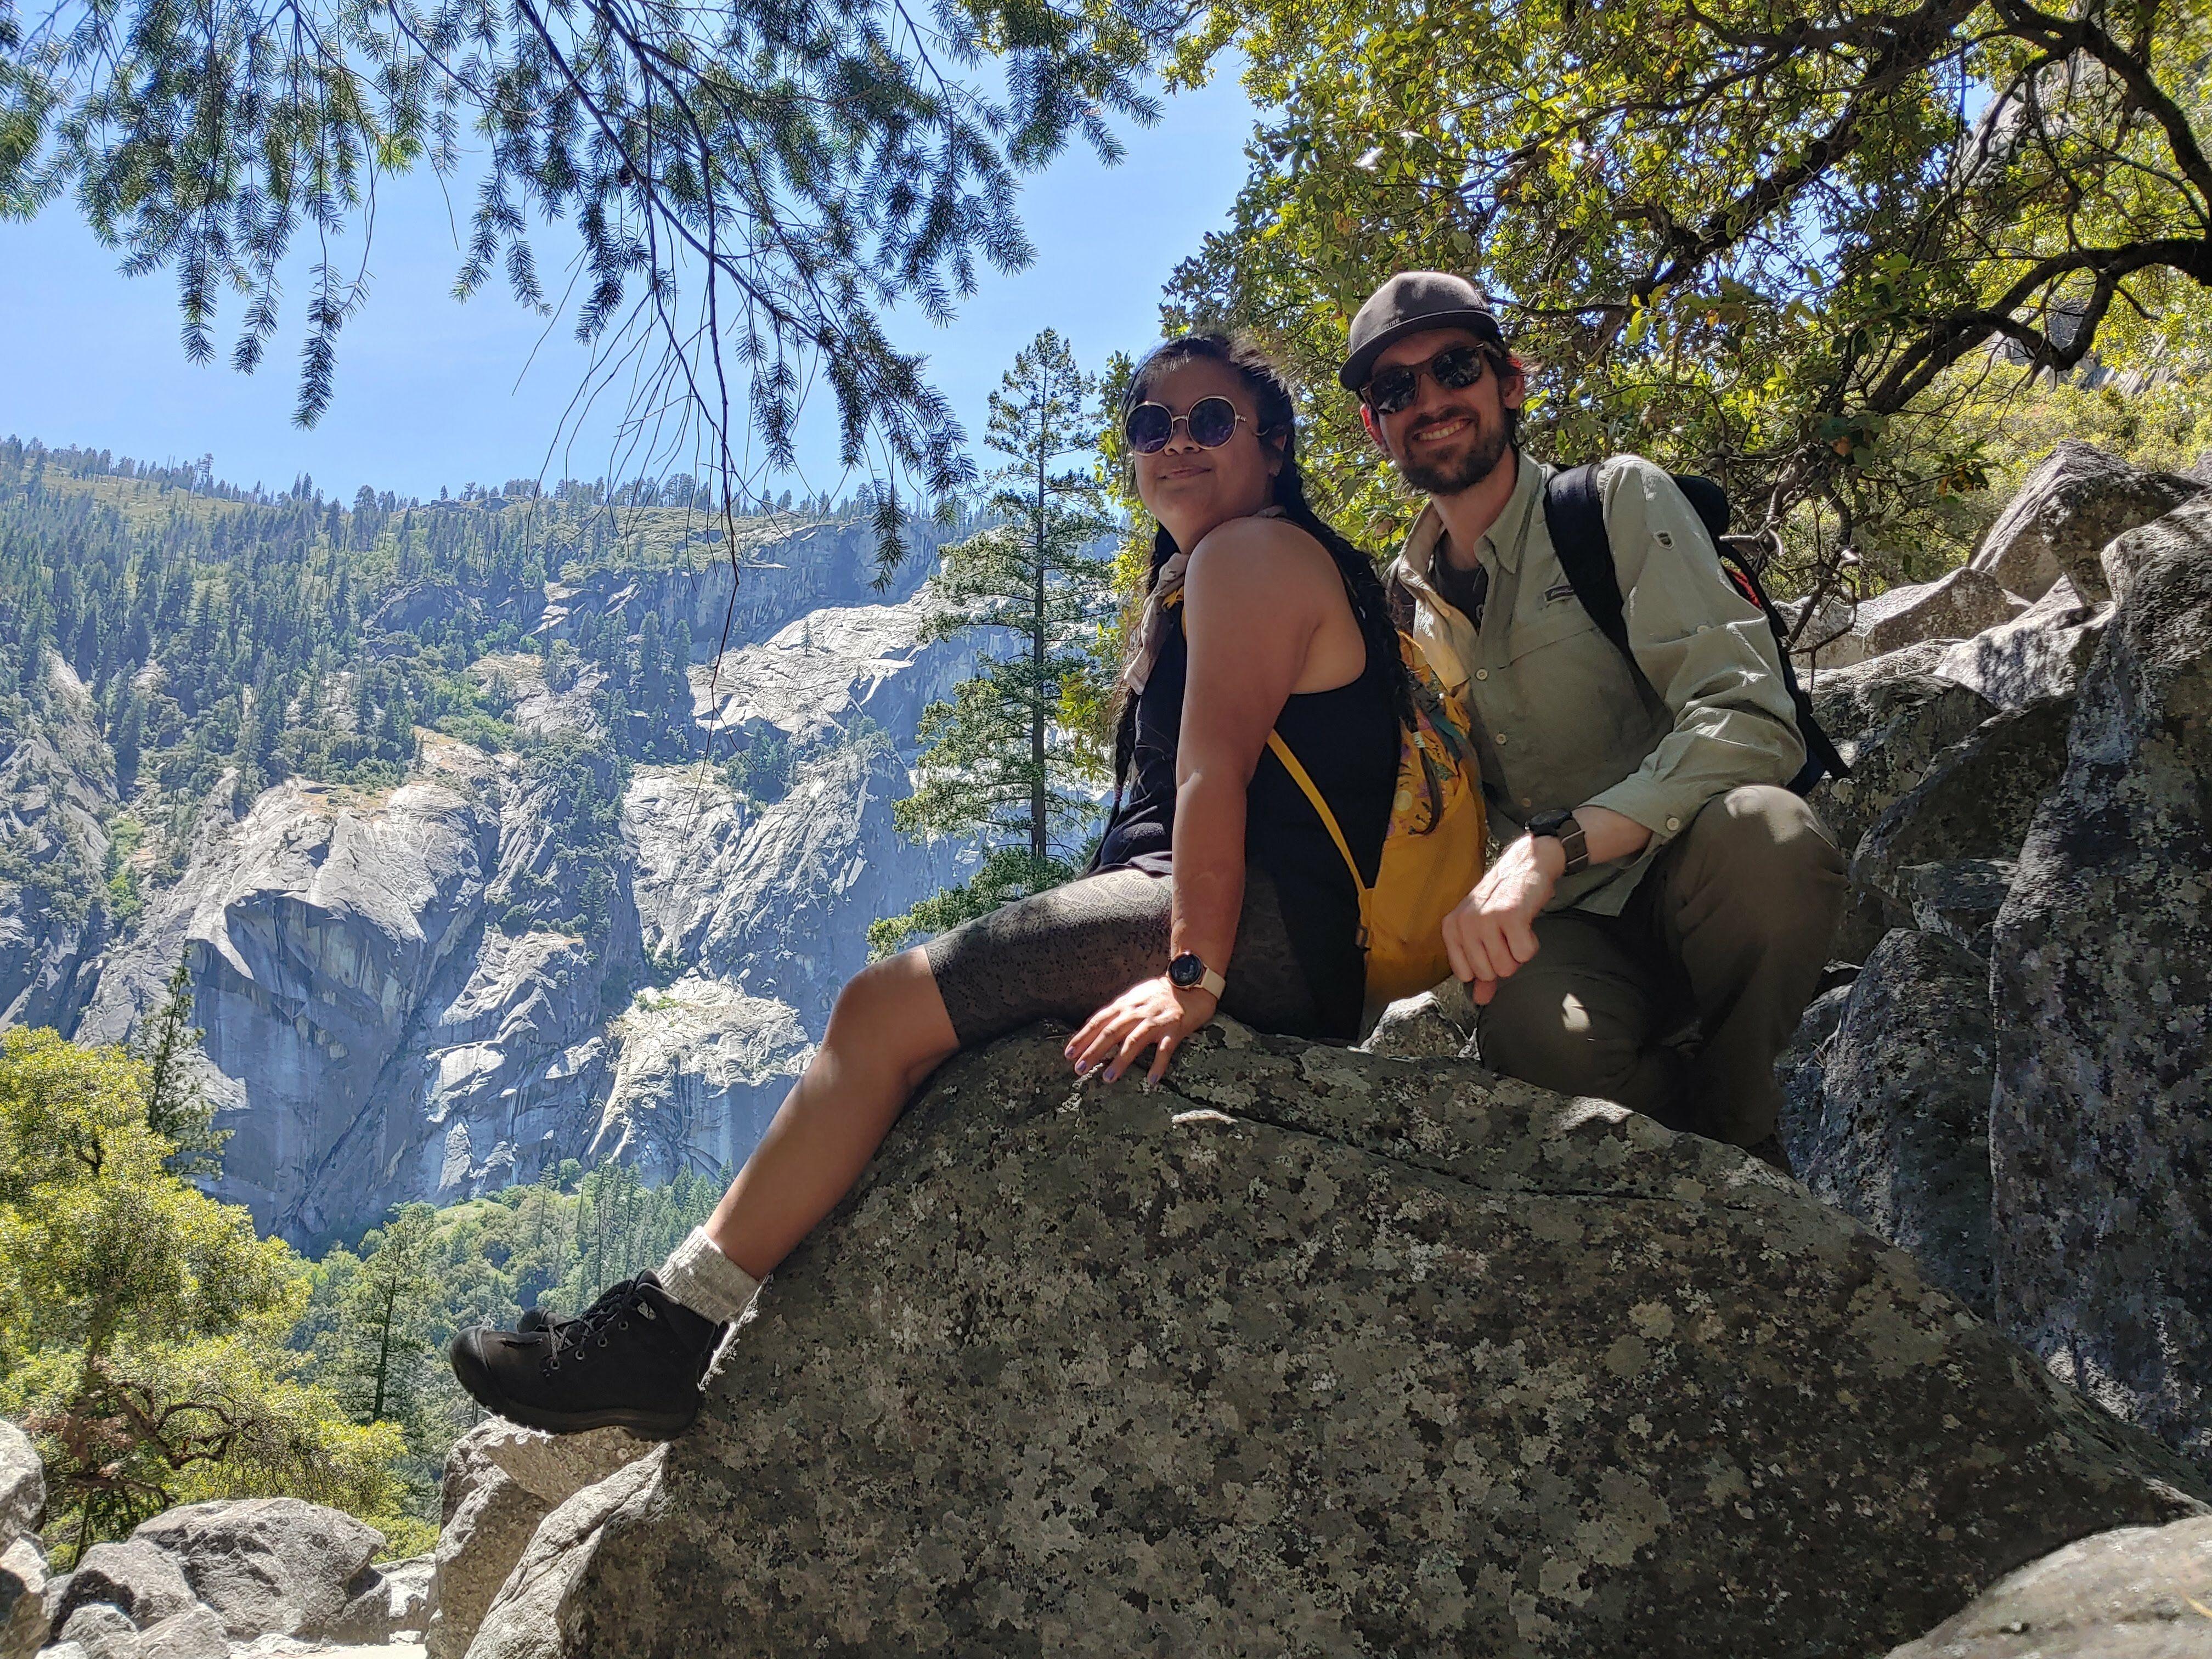 Image 1 of Alyssa and Sean